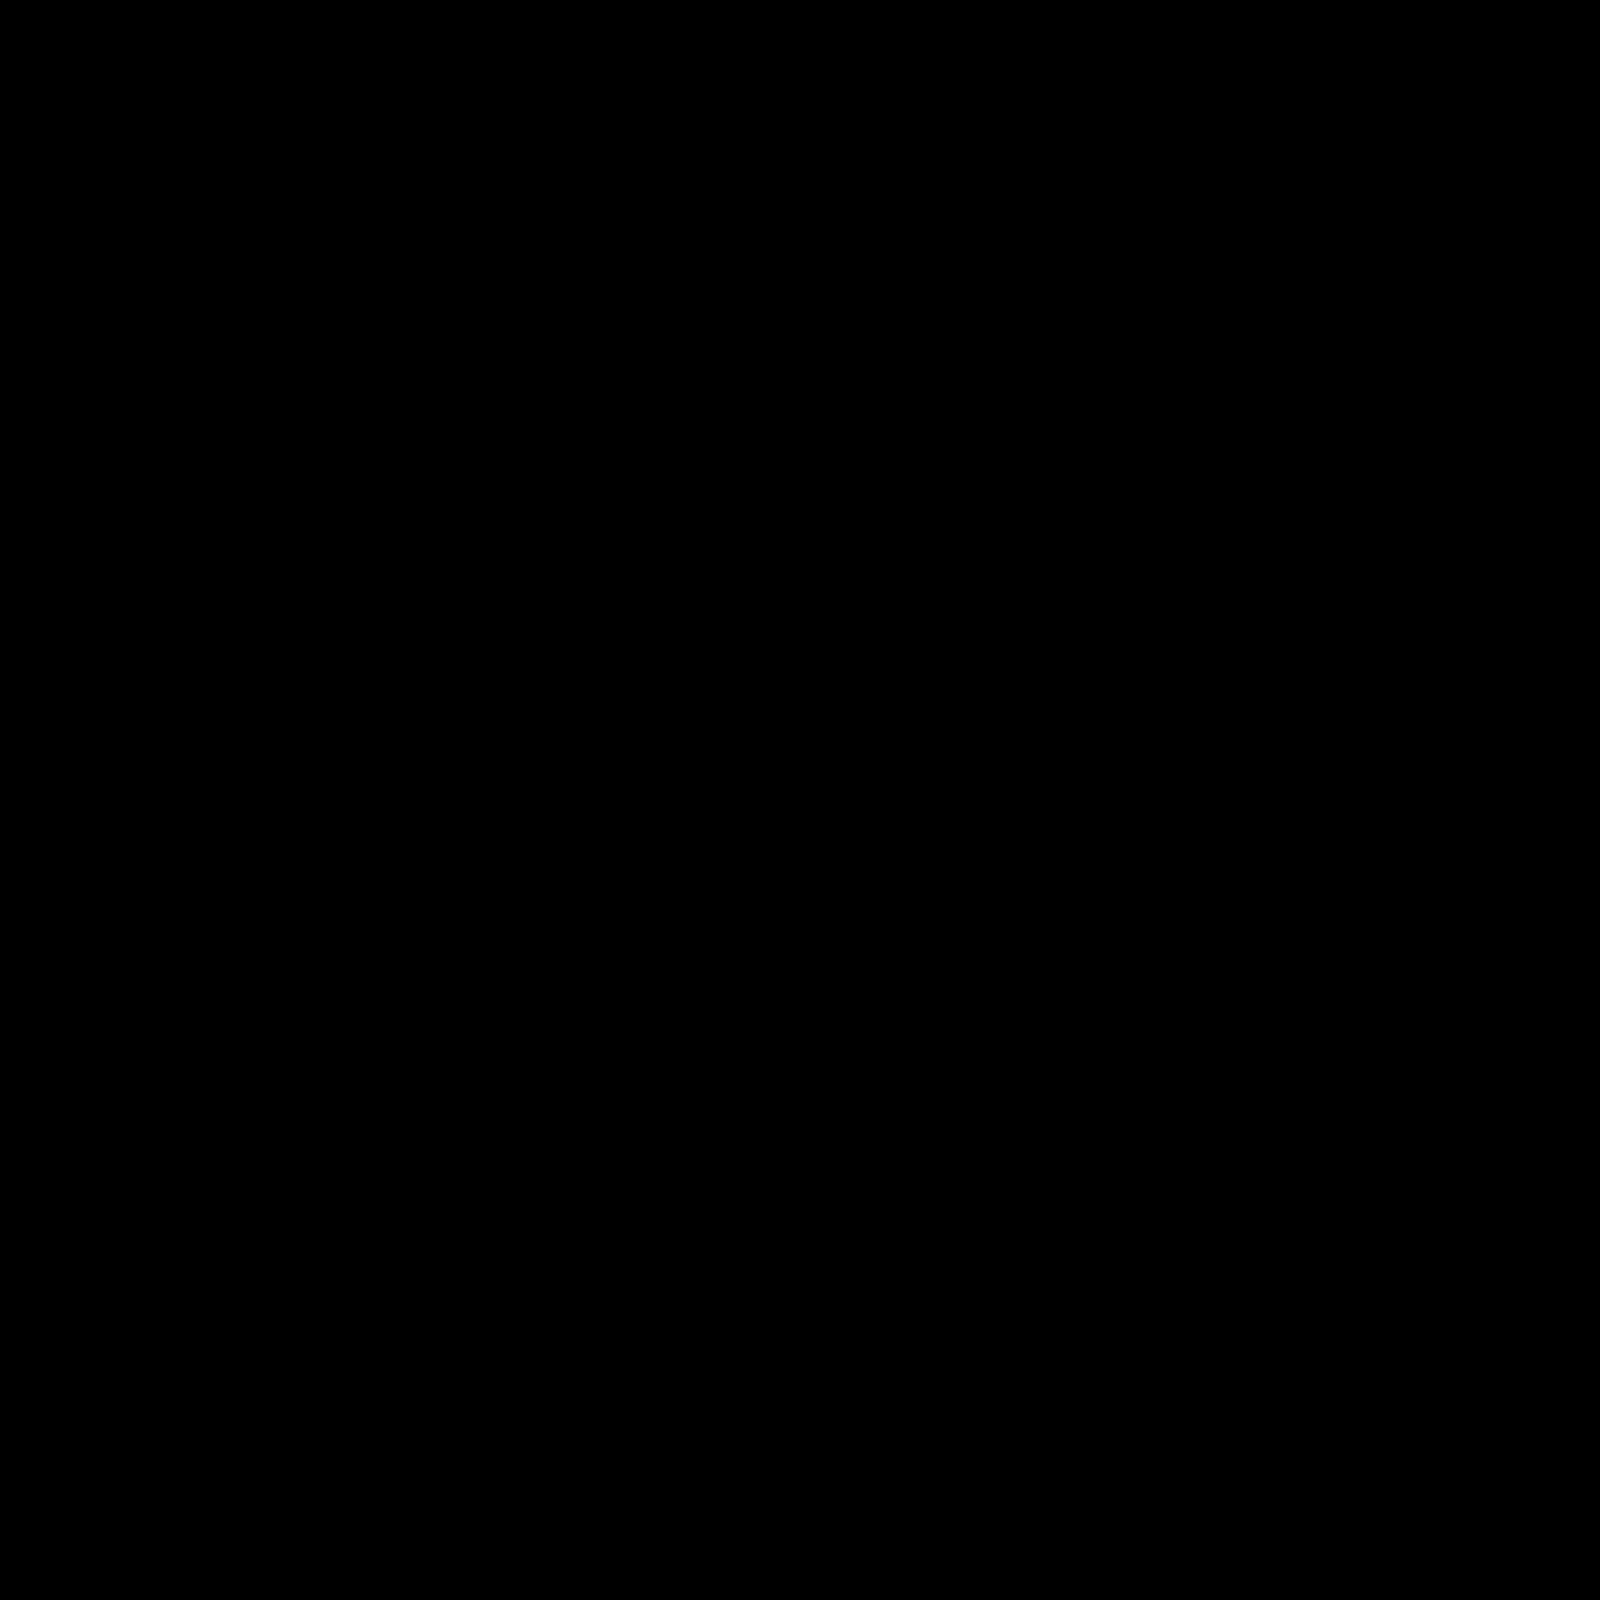 View Carousel icon